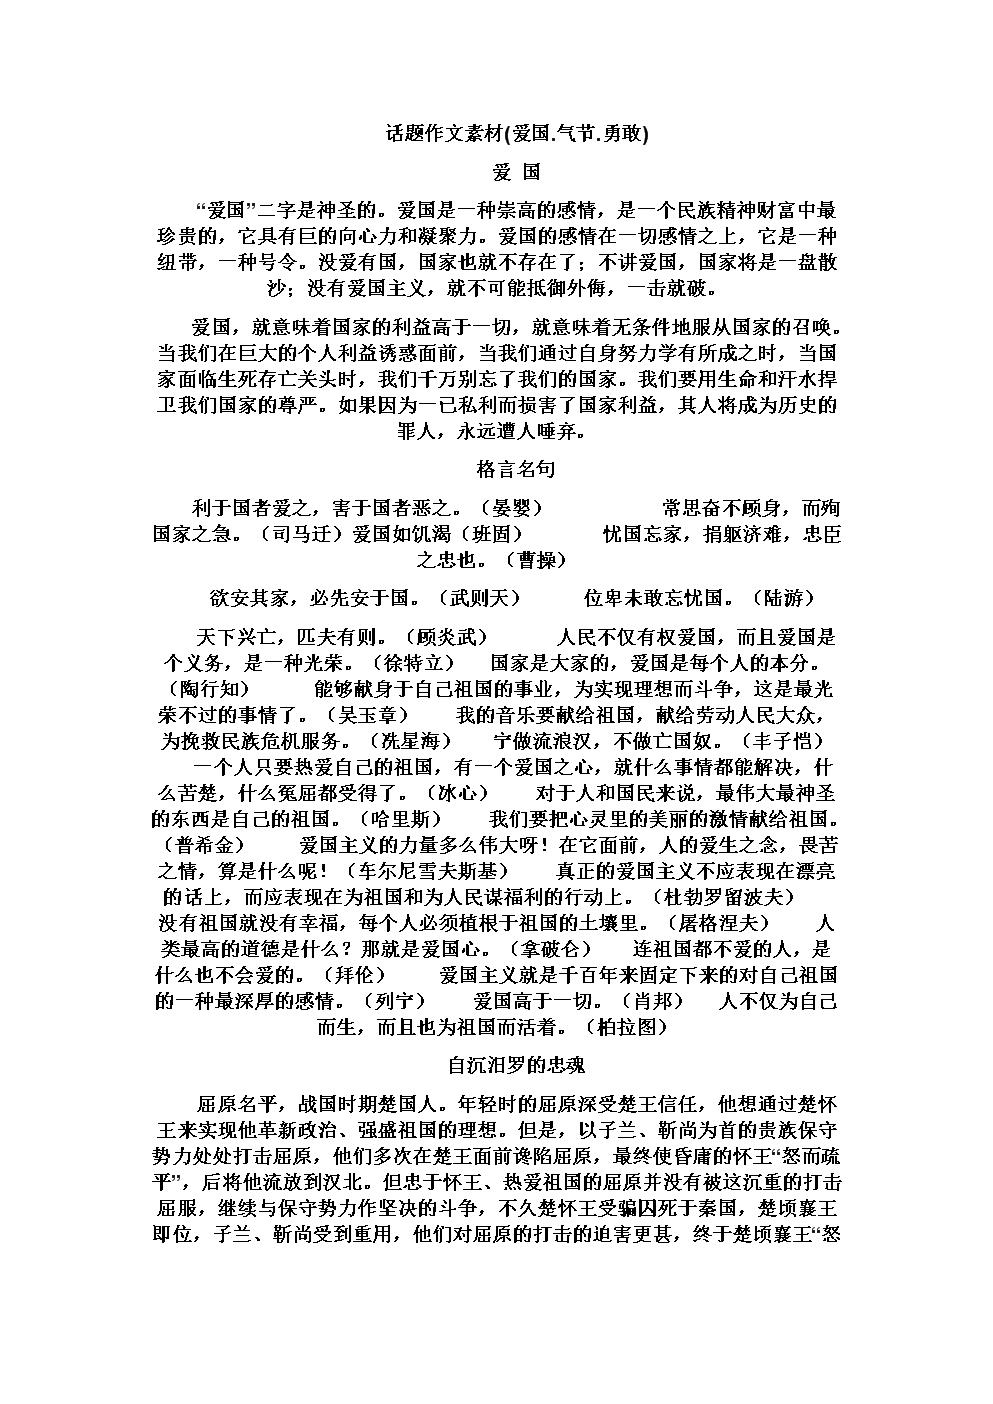 话题作文素材 爱国气节勇敢 .doc